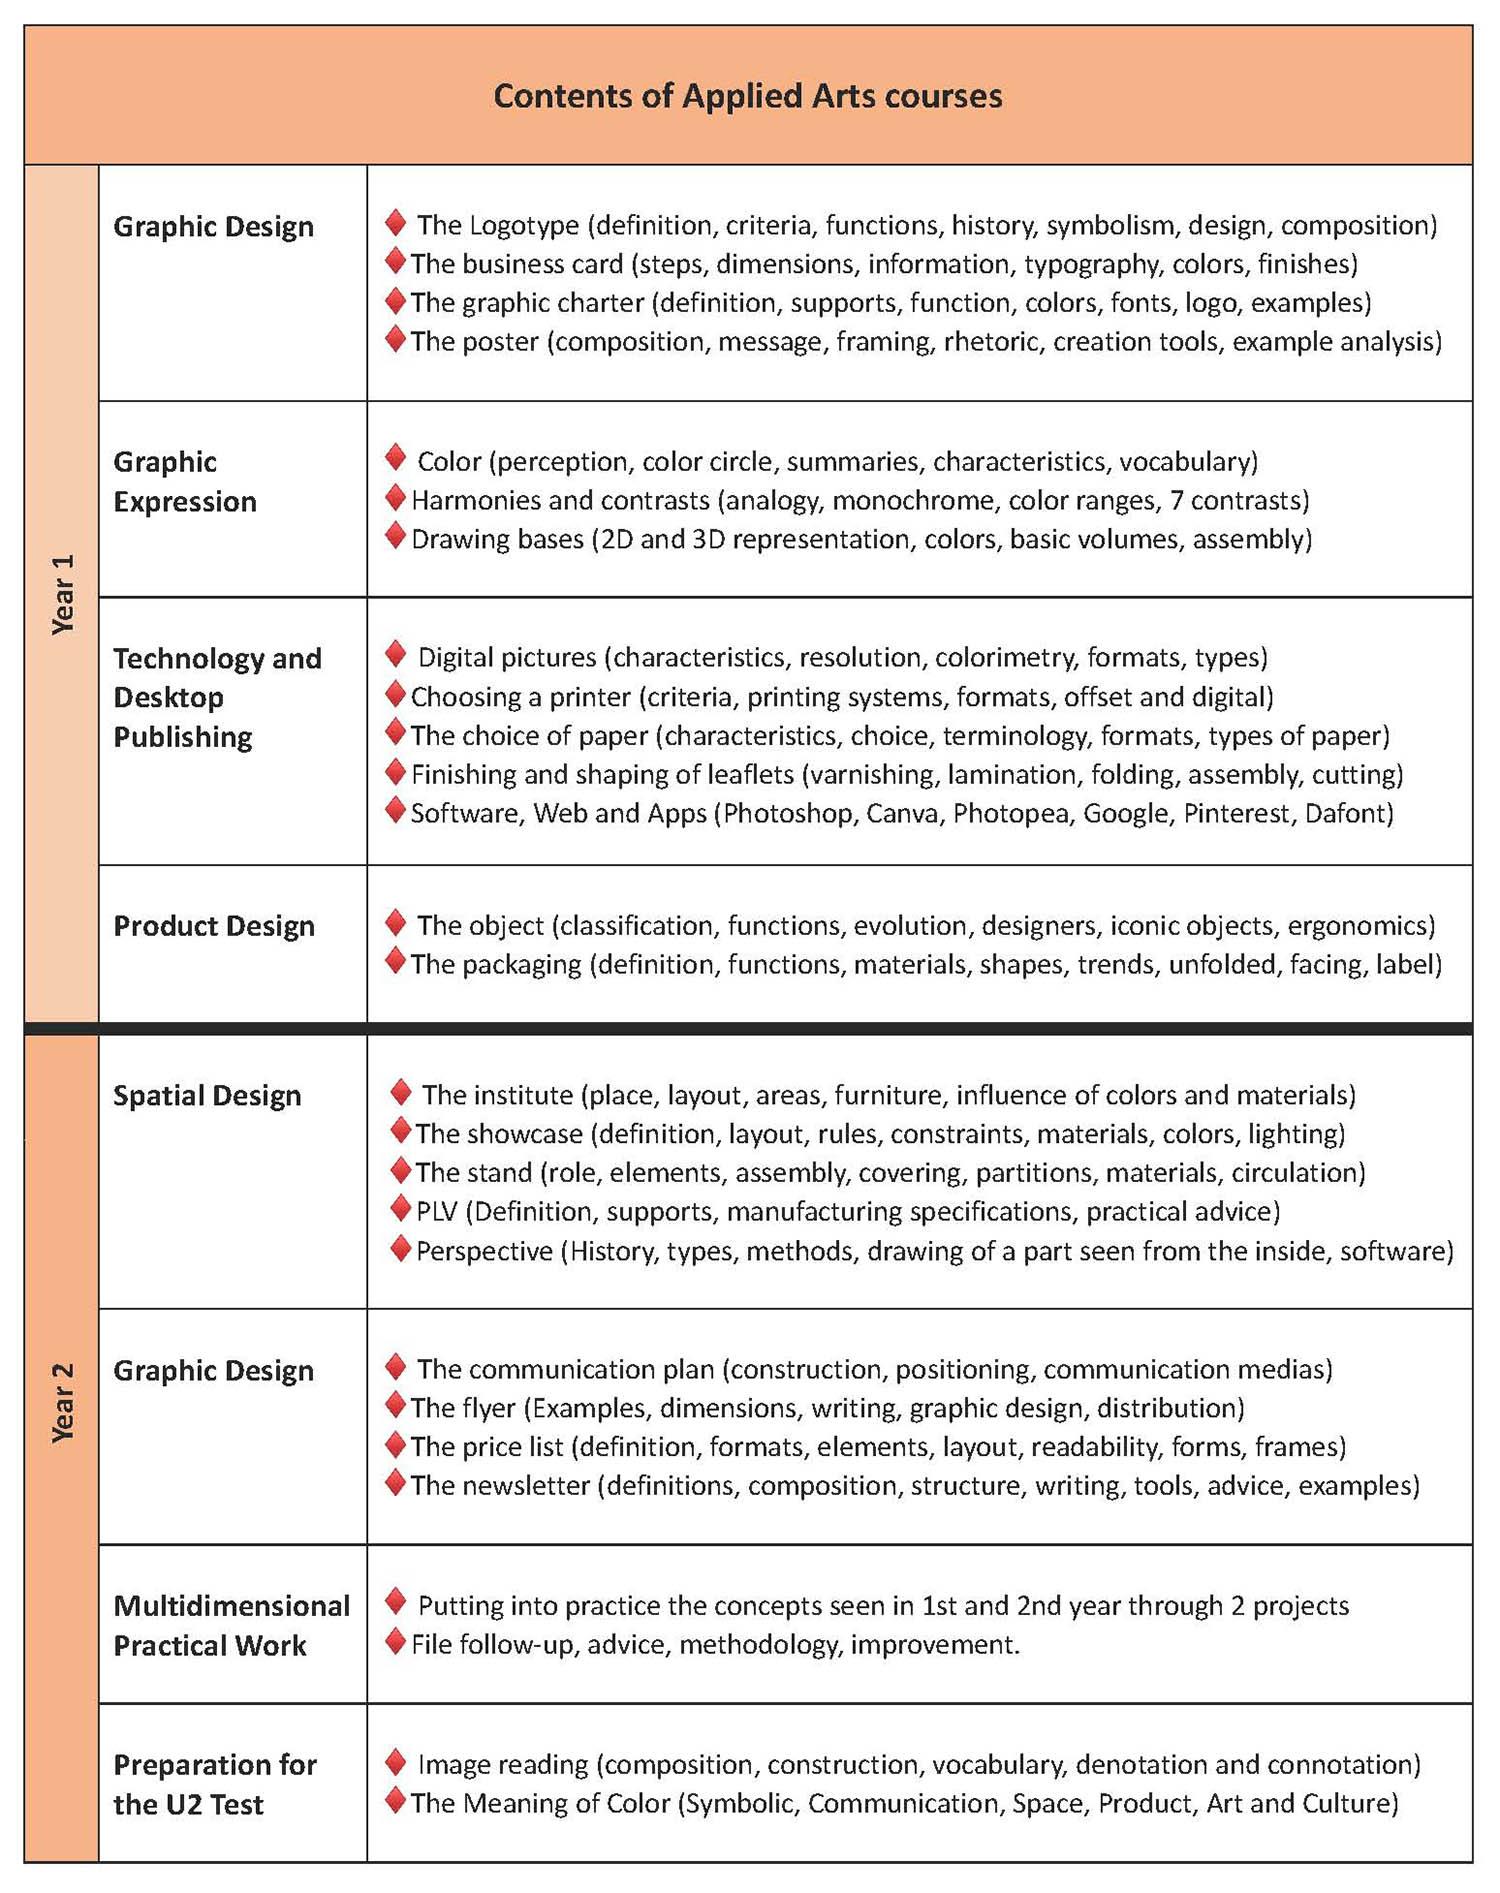 Catalogue de cours d'arts appliqués en anglais